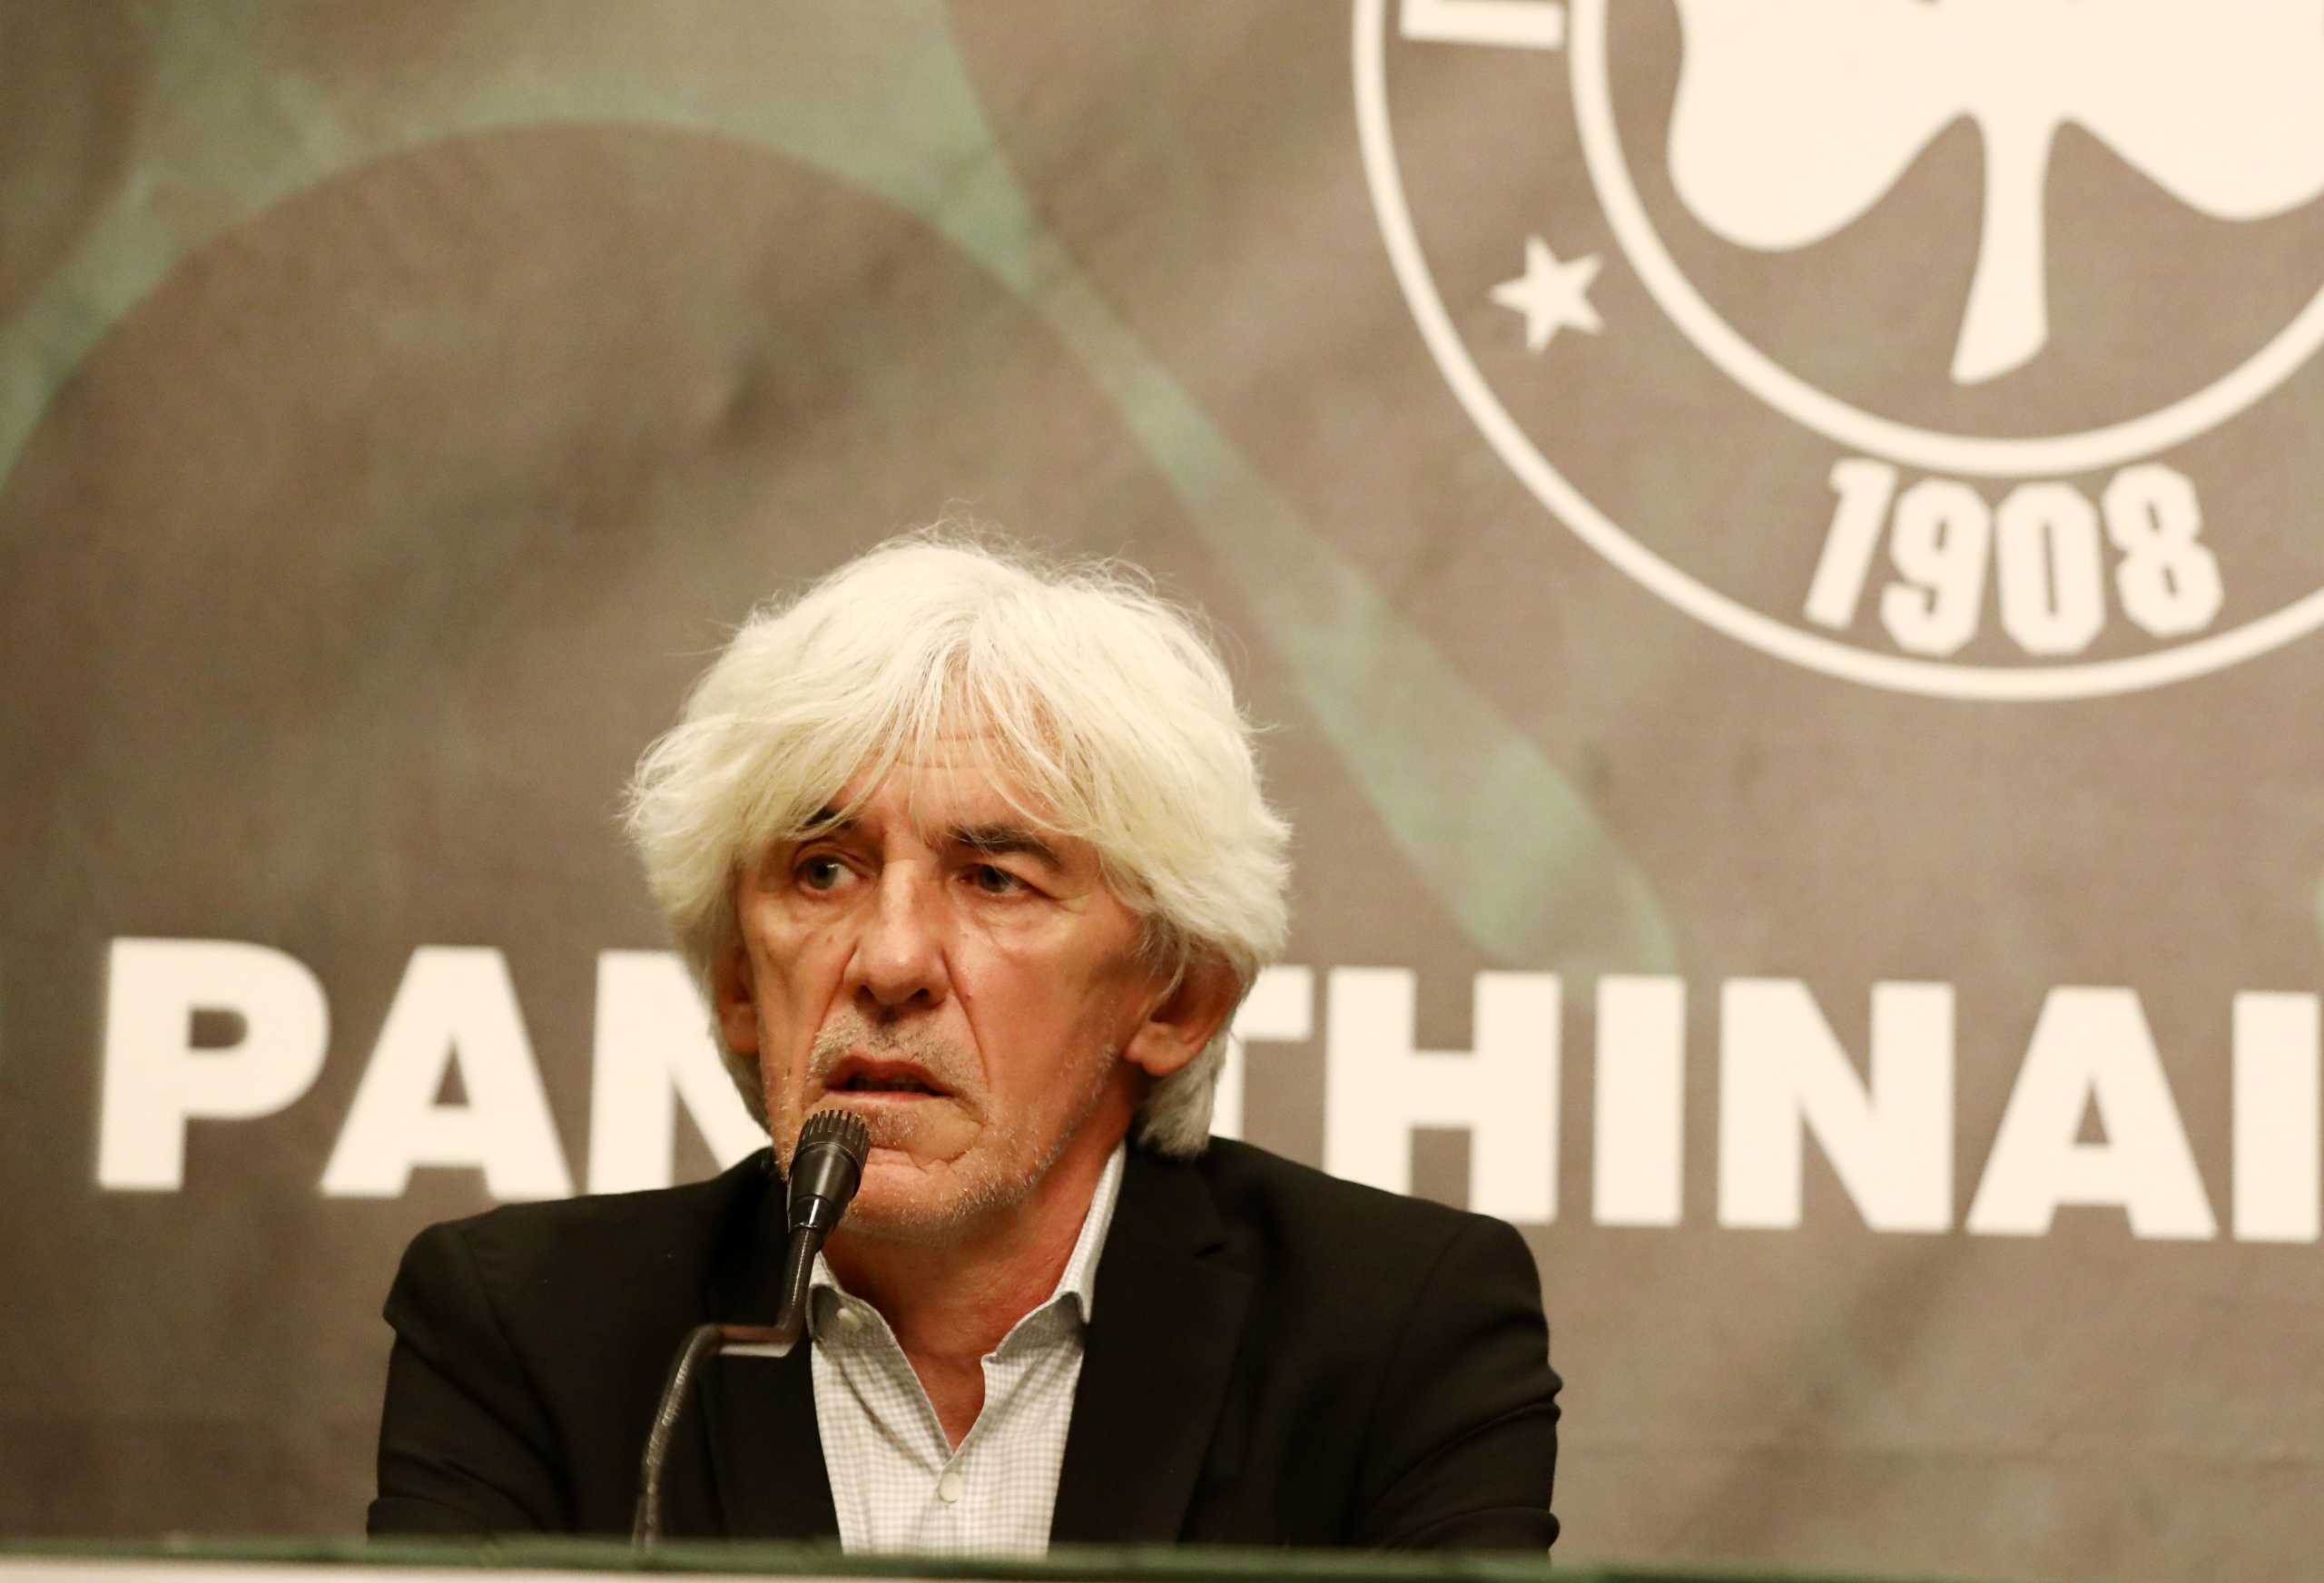 Γιοβάνοβιτς: «Η ιστορία του Παναθηναϊκού ορίζει τους στόχους μας»